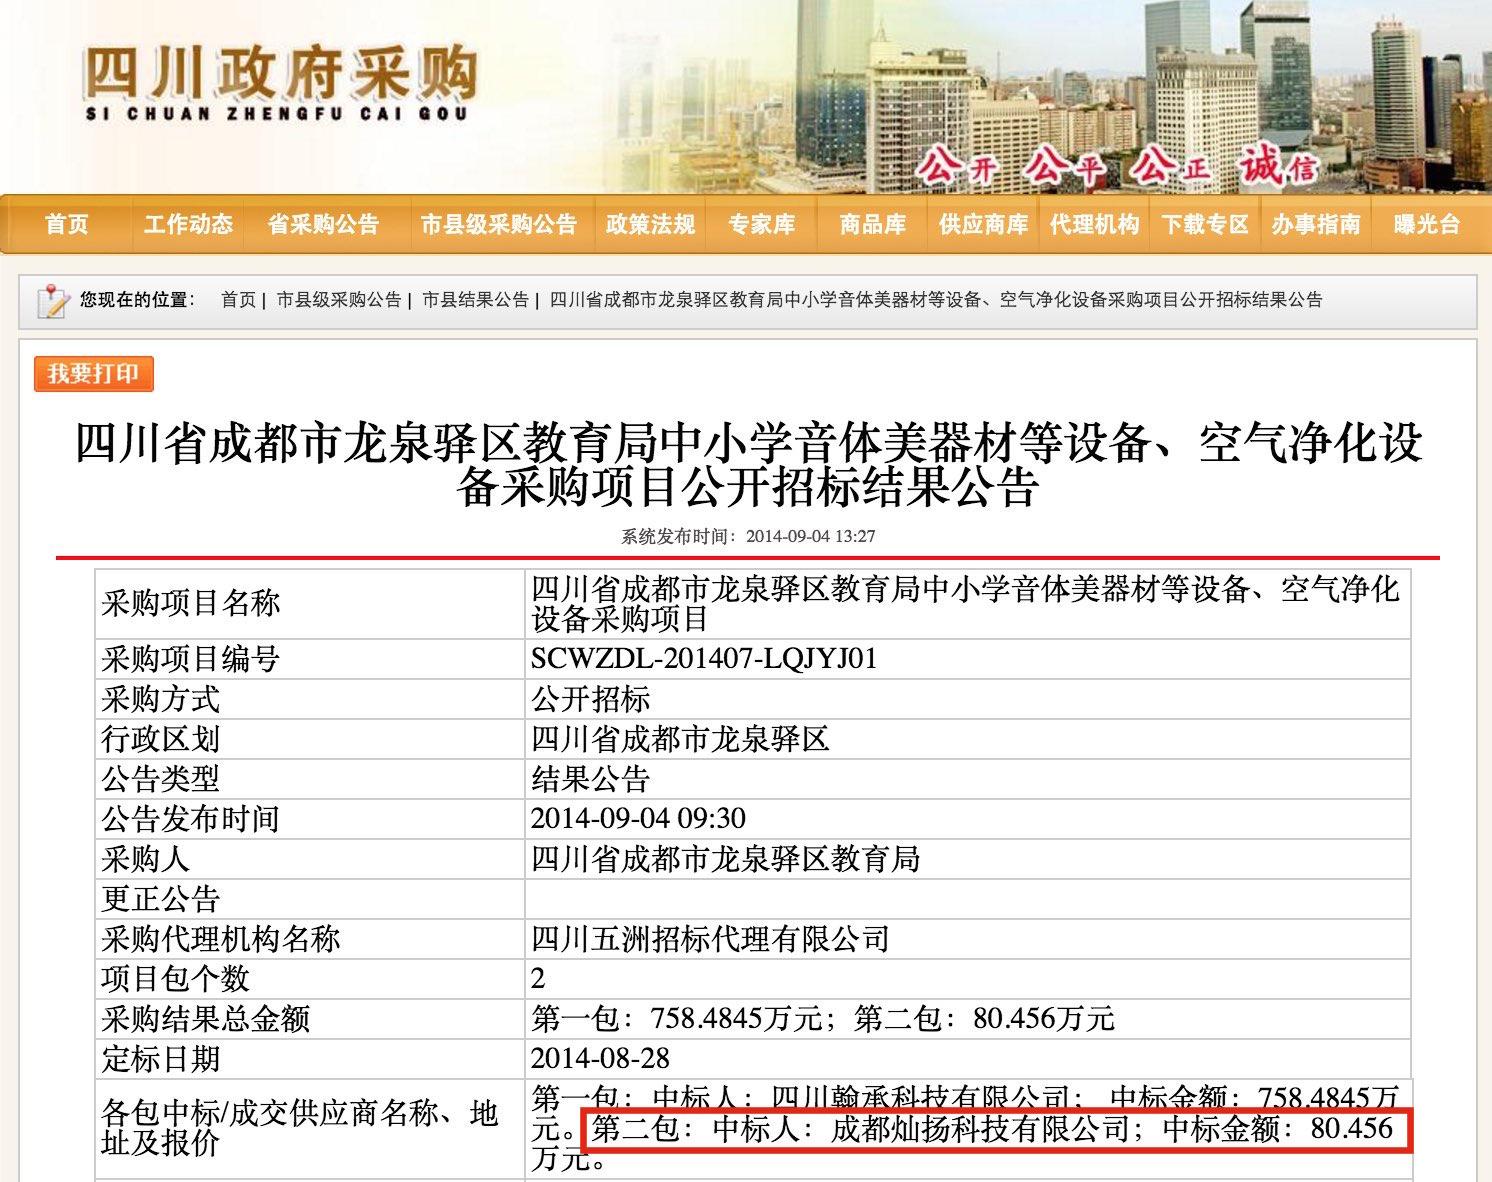 """四川政府采购官网信息截图;""""第二包""""即空气净化器采购项目"""